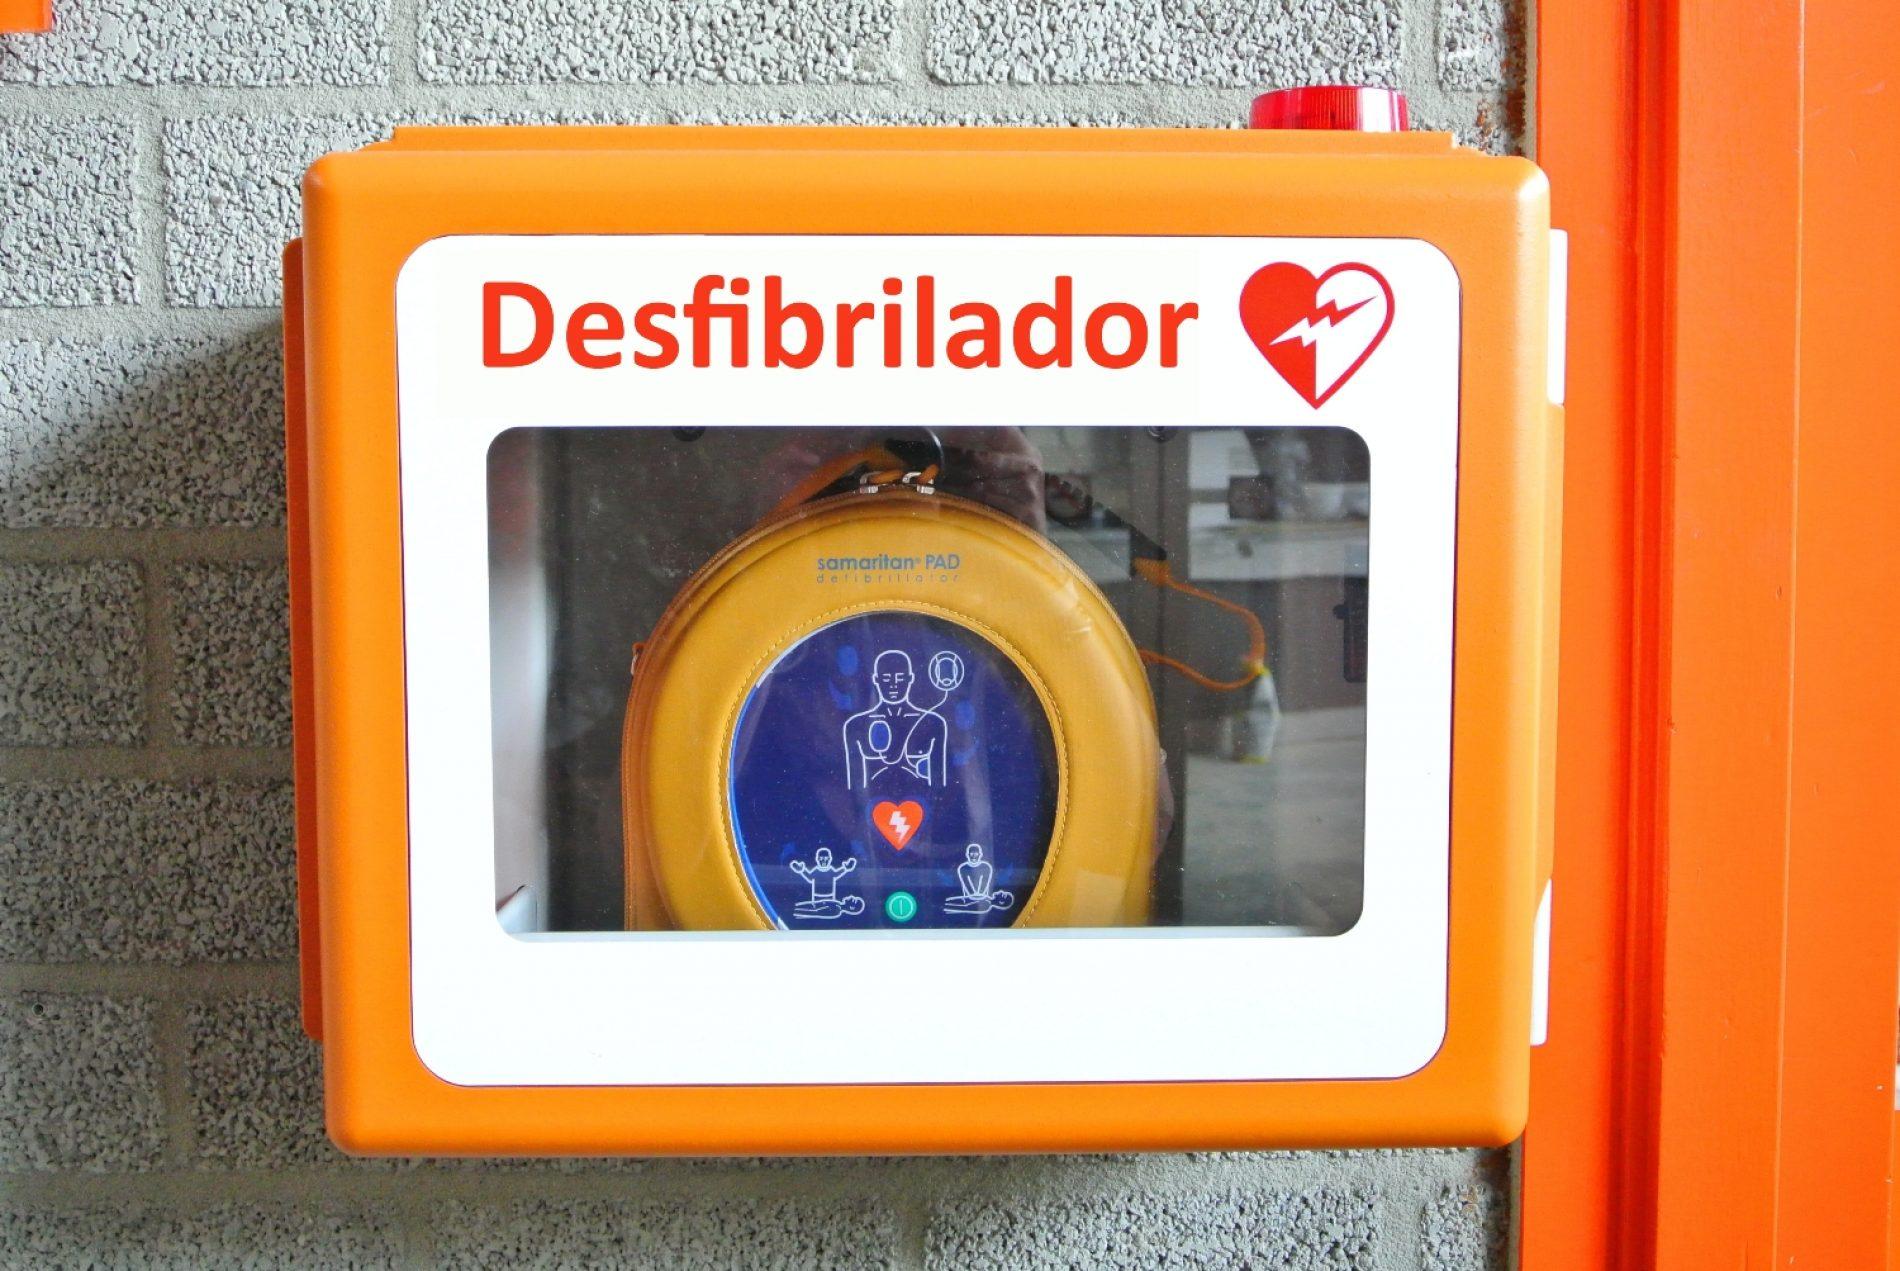 PRÓXIMAMENTE: Desfibrilador Semiautomático (DESA) y Soporte Vital Básico (SVB)